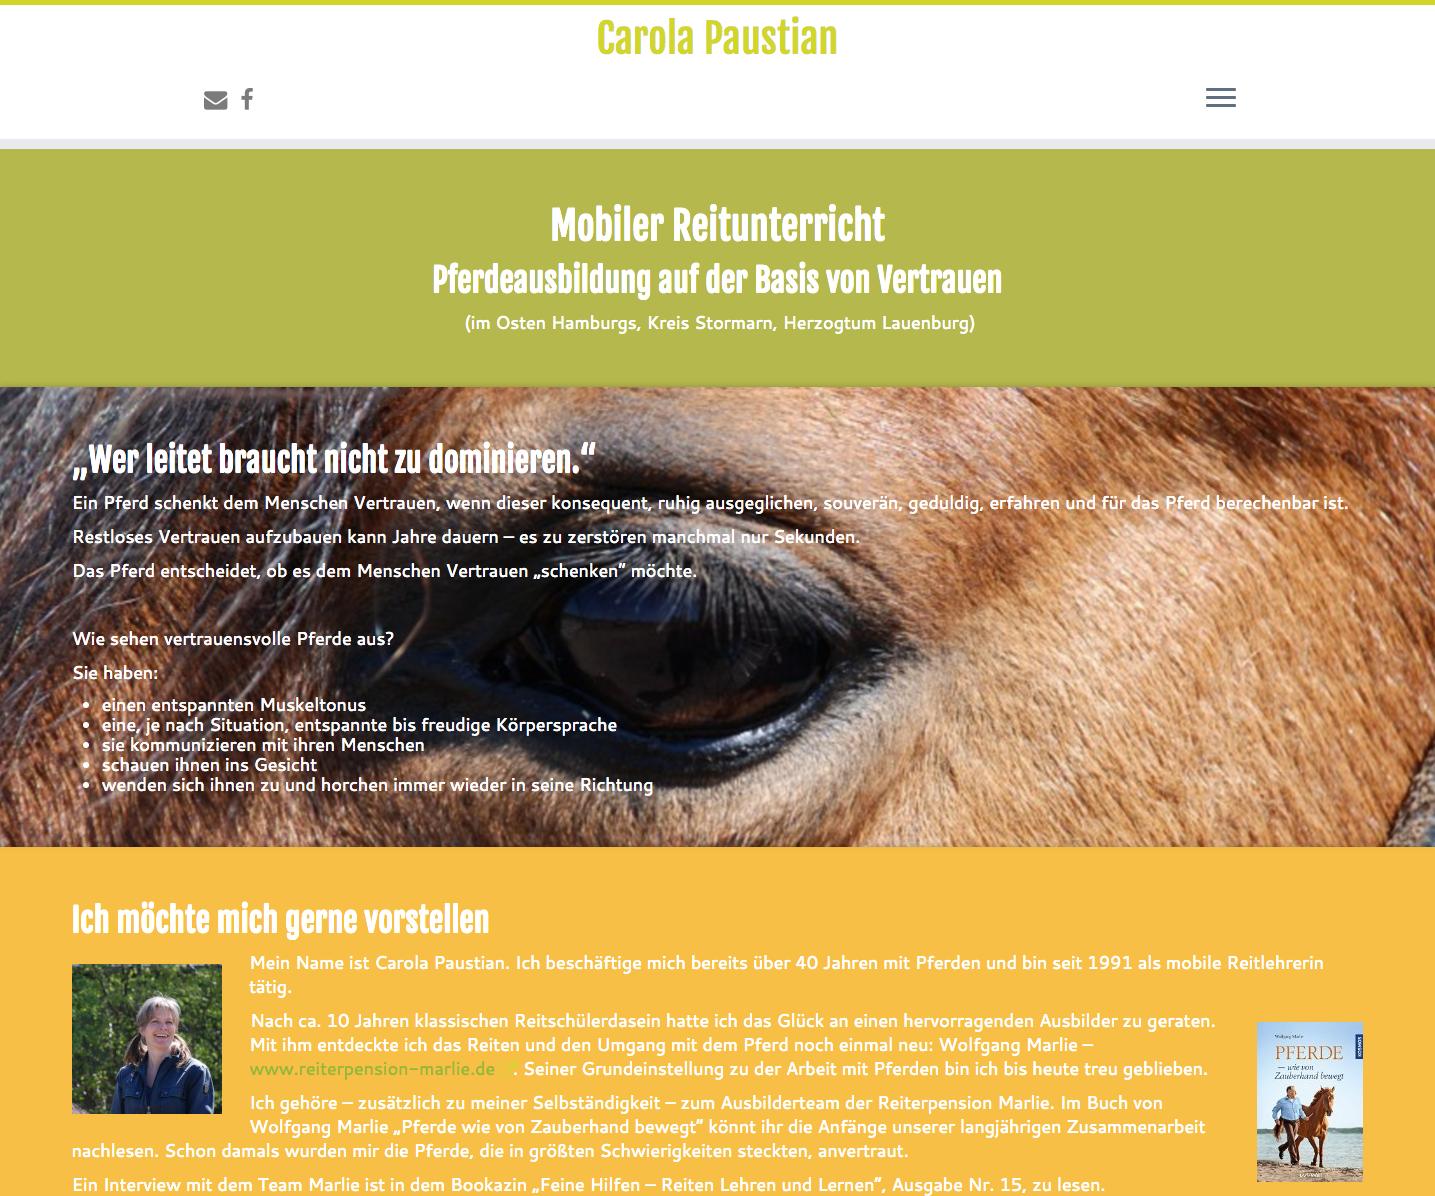 Reitkurse, mobiler Reitunterricht, Seminere und Lehrgänge rund ums Pferd